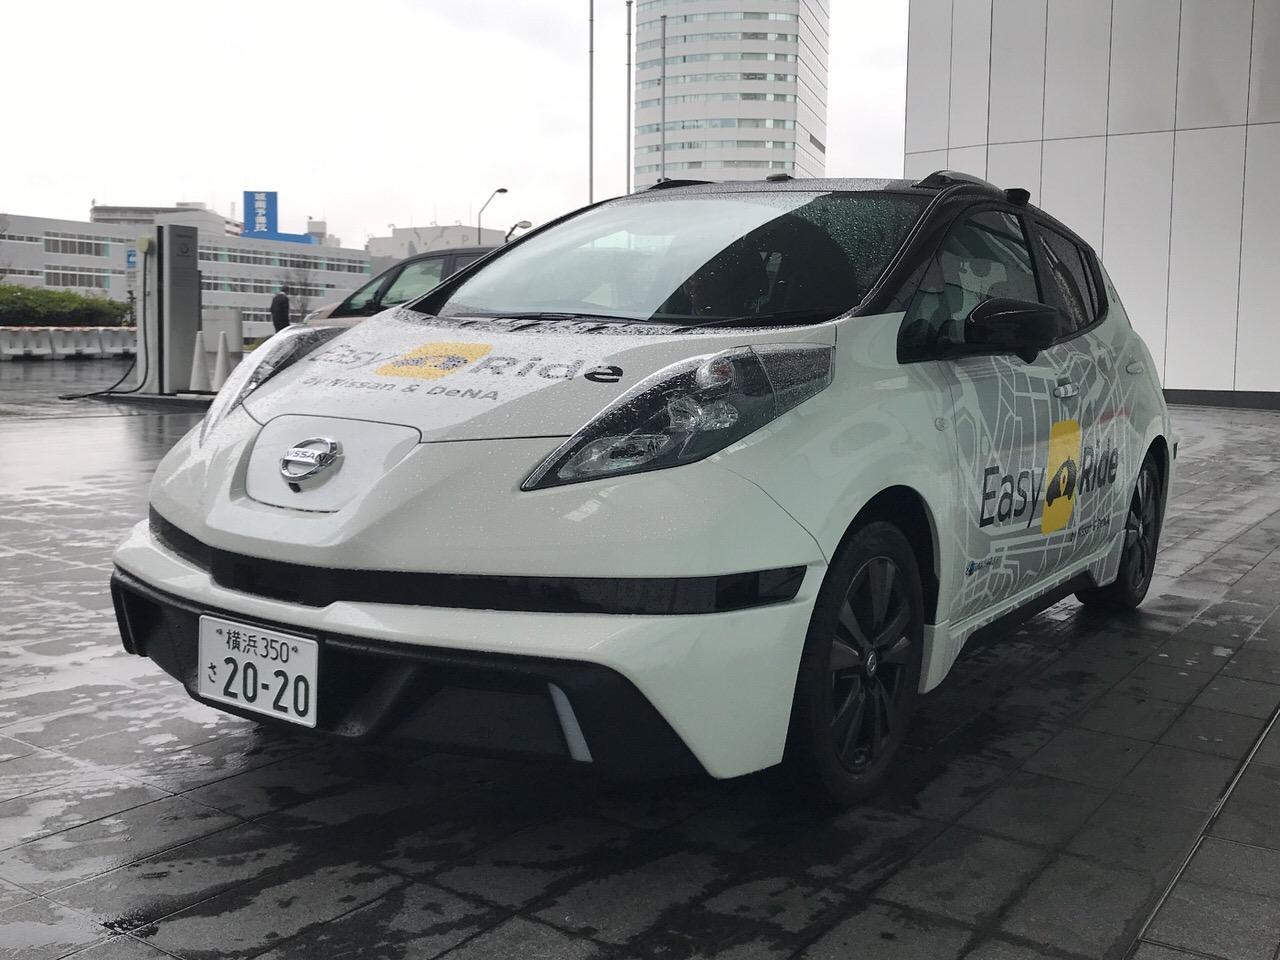 安心して乗れるじゃないか!日産とDeNAが開発する自動運転車両を使ったサービス「Easy Ride」体験